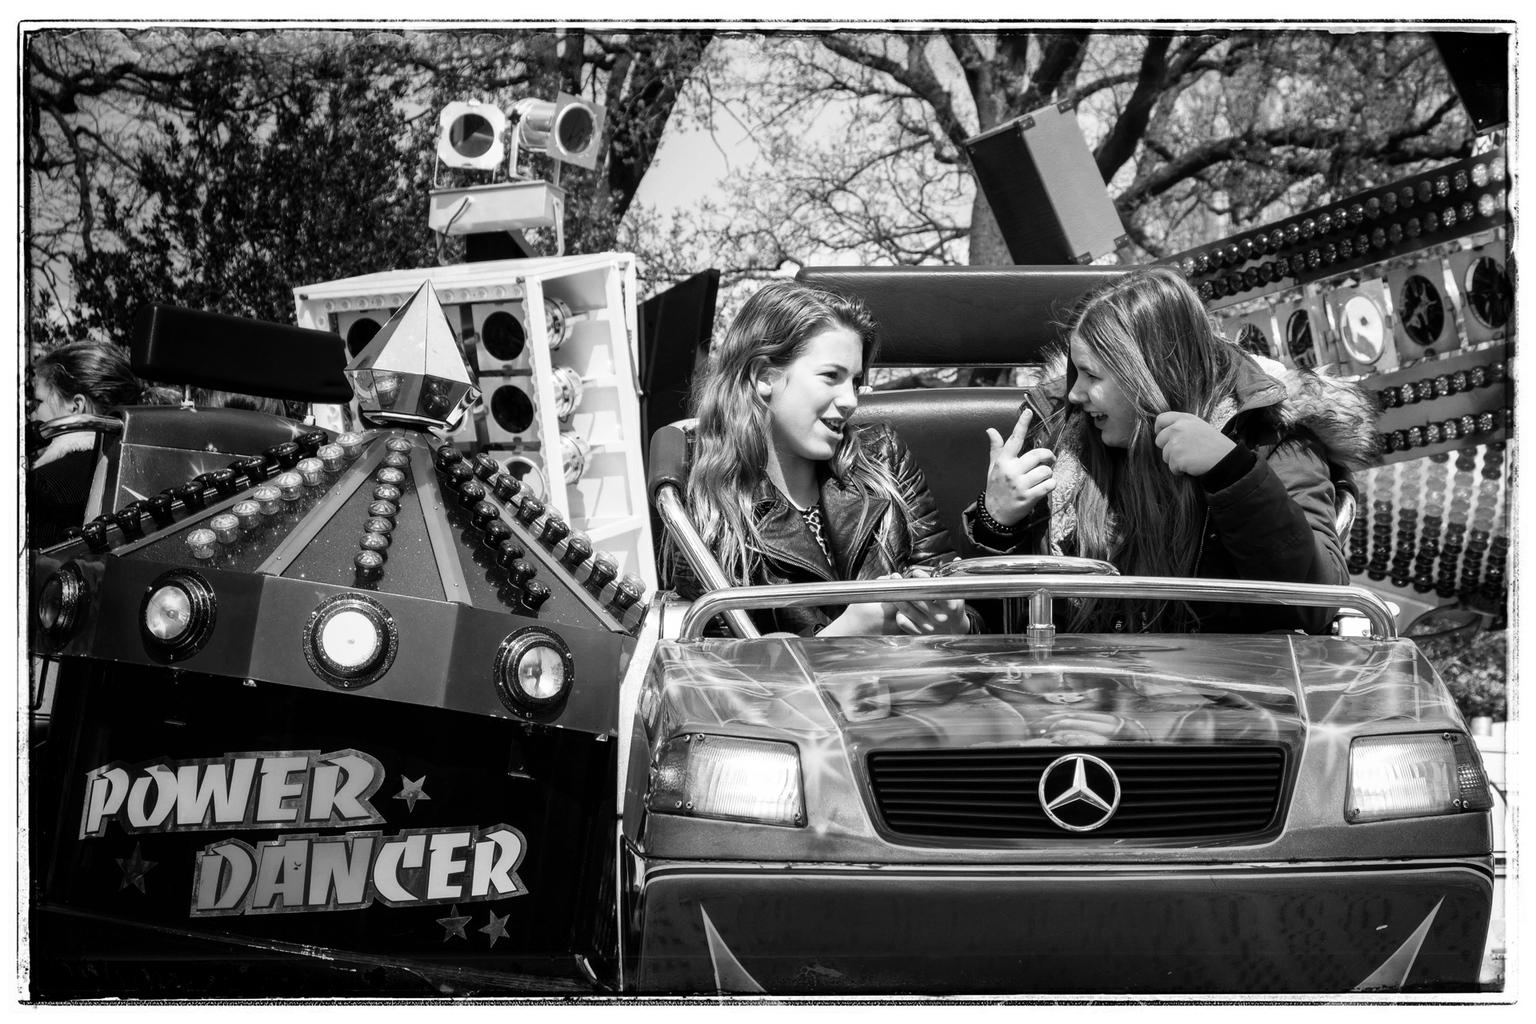 Op de kermis - April 2019 - foto door renewolf_zoom op 10-04-2021 - deze foto bevat: voertuig, fotograaf, kentekenplaat van het voertuig, wit, kap, motorvoertuig, zwart, automotive ontwerp, zwart en wit, auto